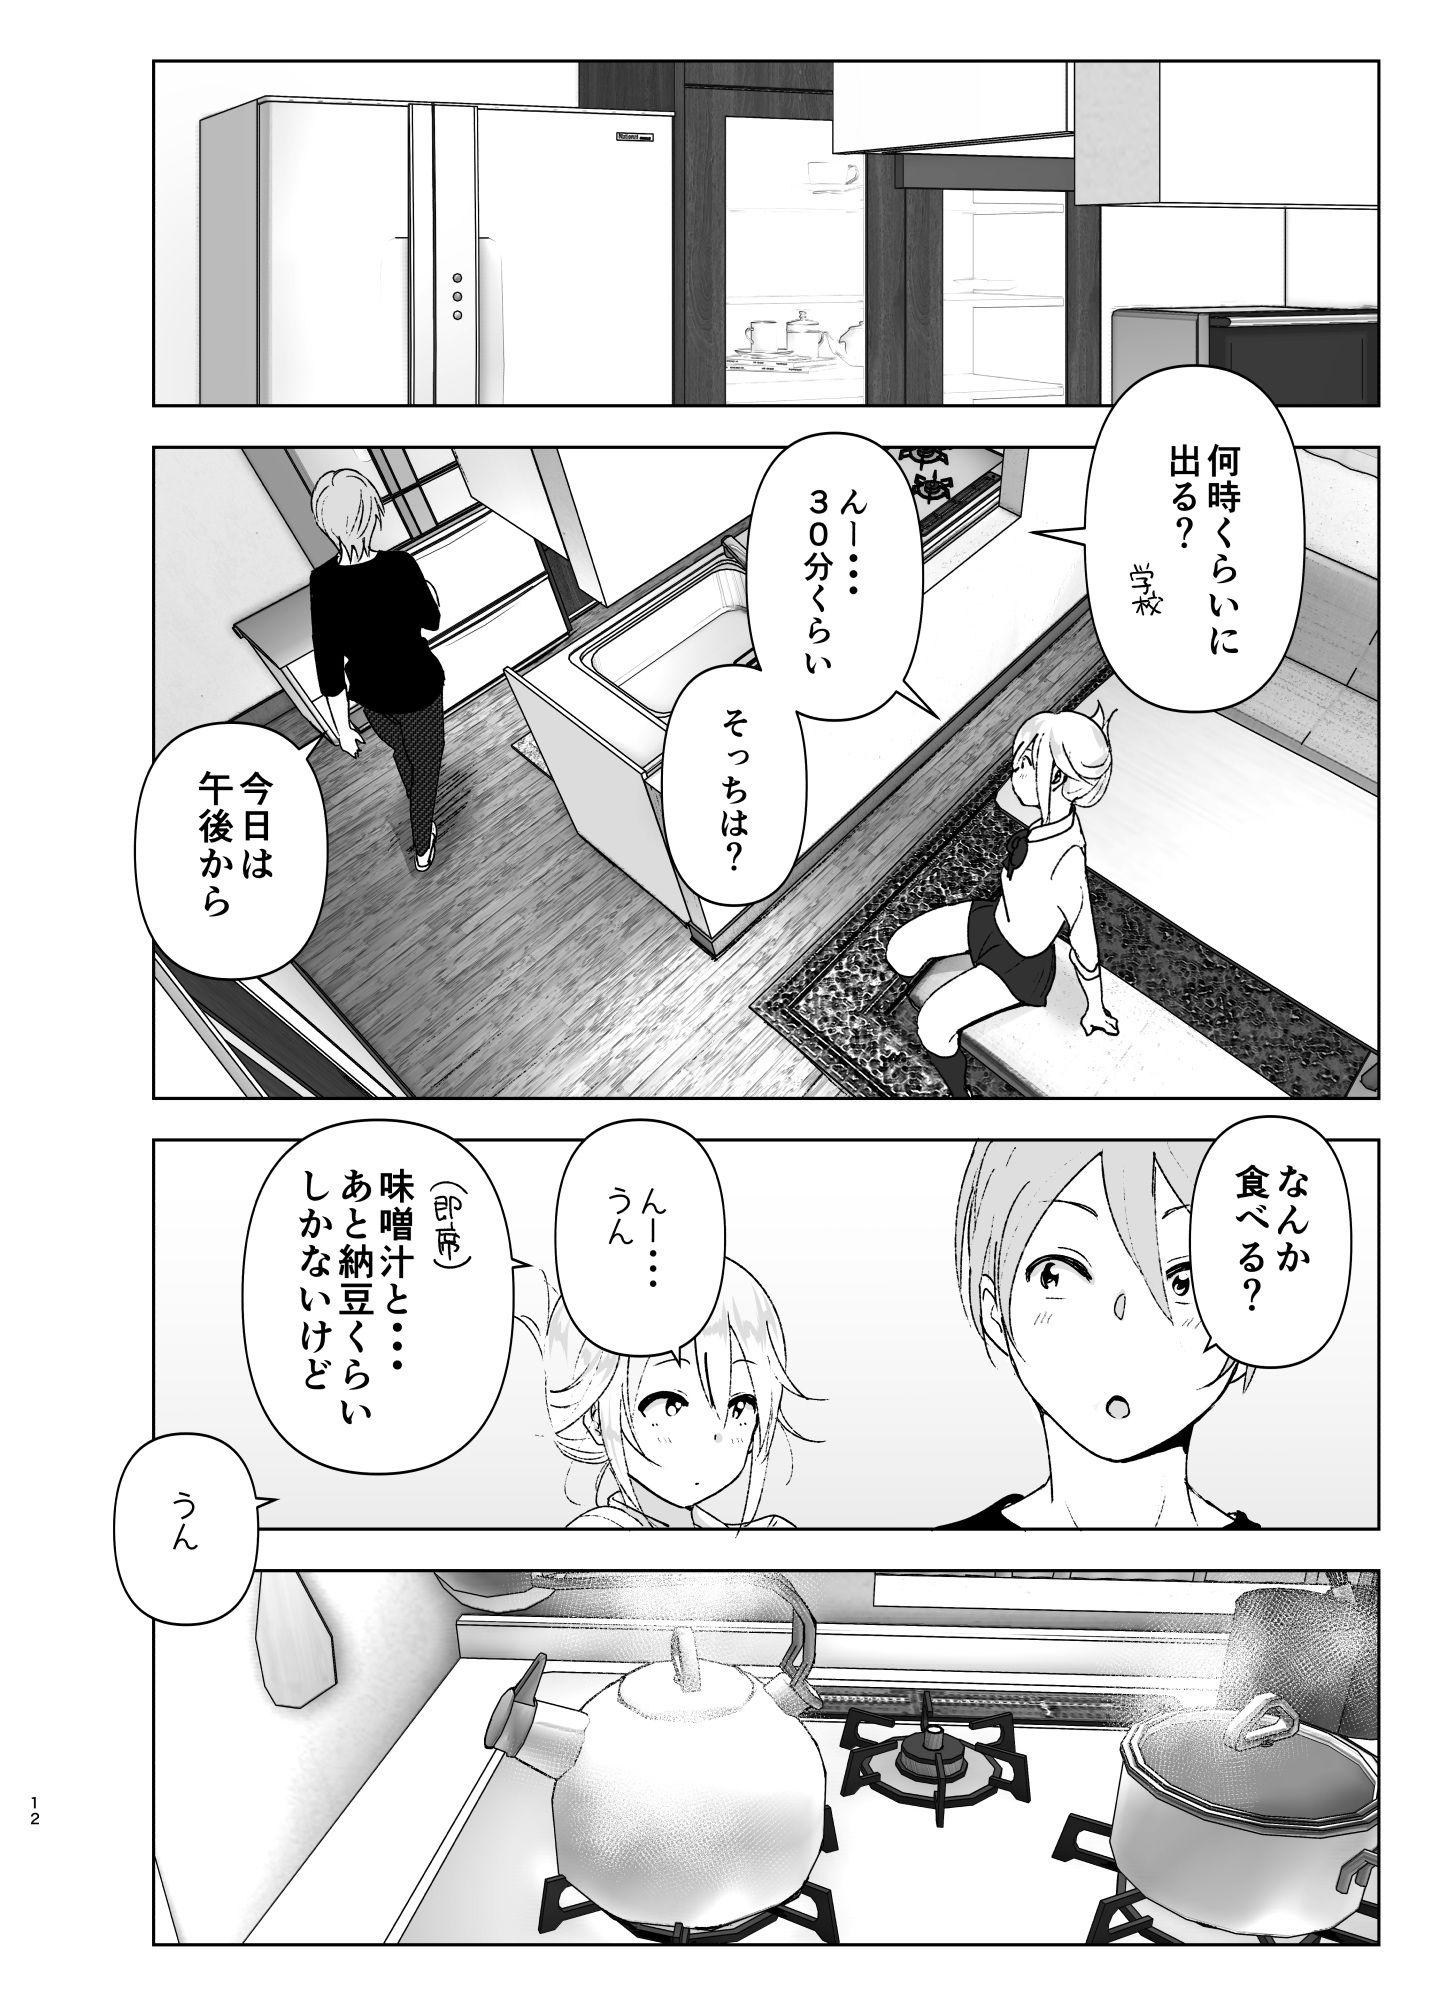 エロ-2-12 兄と妹の少し切ない純愛エロ漫画に勃起が収まらないwww【エロ漫画:昔は可愛かった2:すぺ】